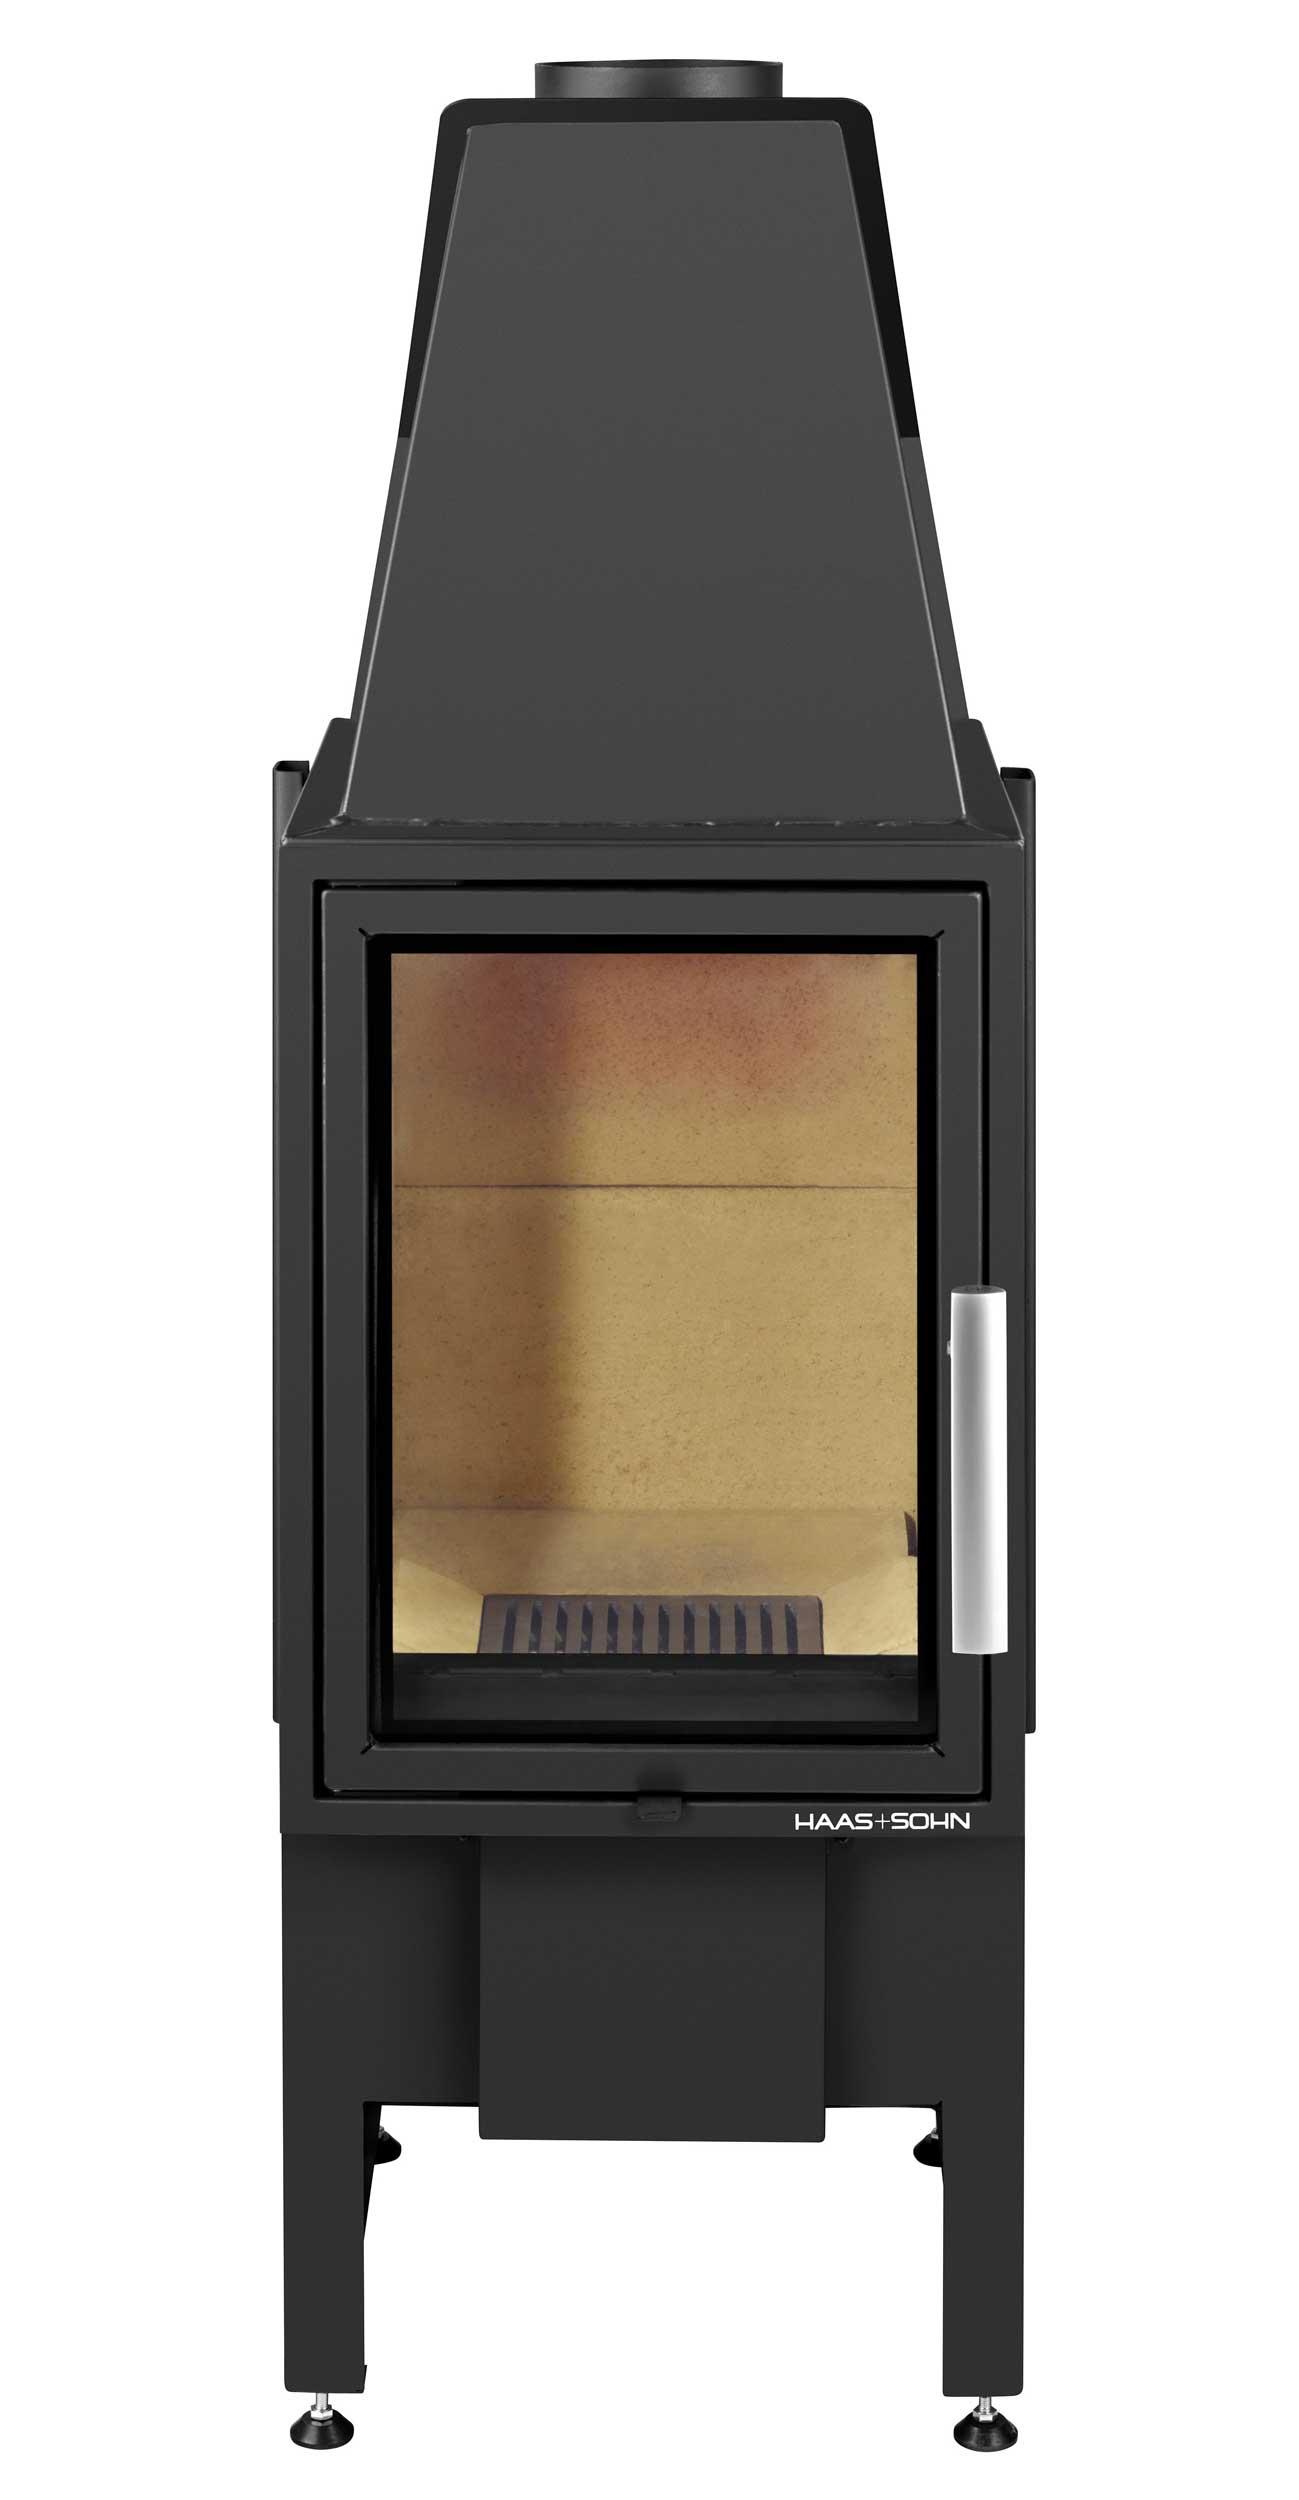 Kamineinsatz Haas+Sohn Esprit-IV 185.16 schwarz raumluftunabh. 7kW Bild 1